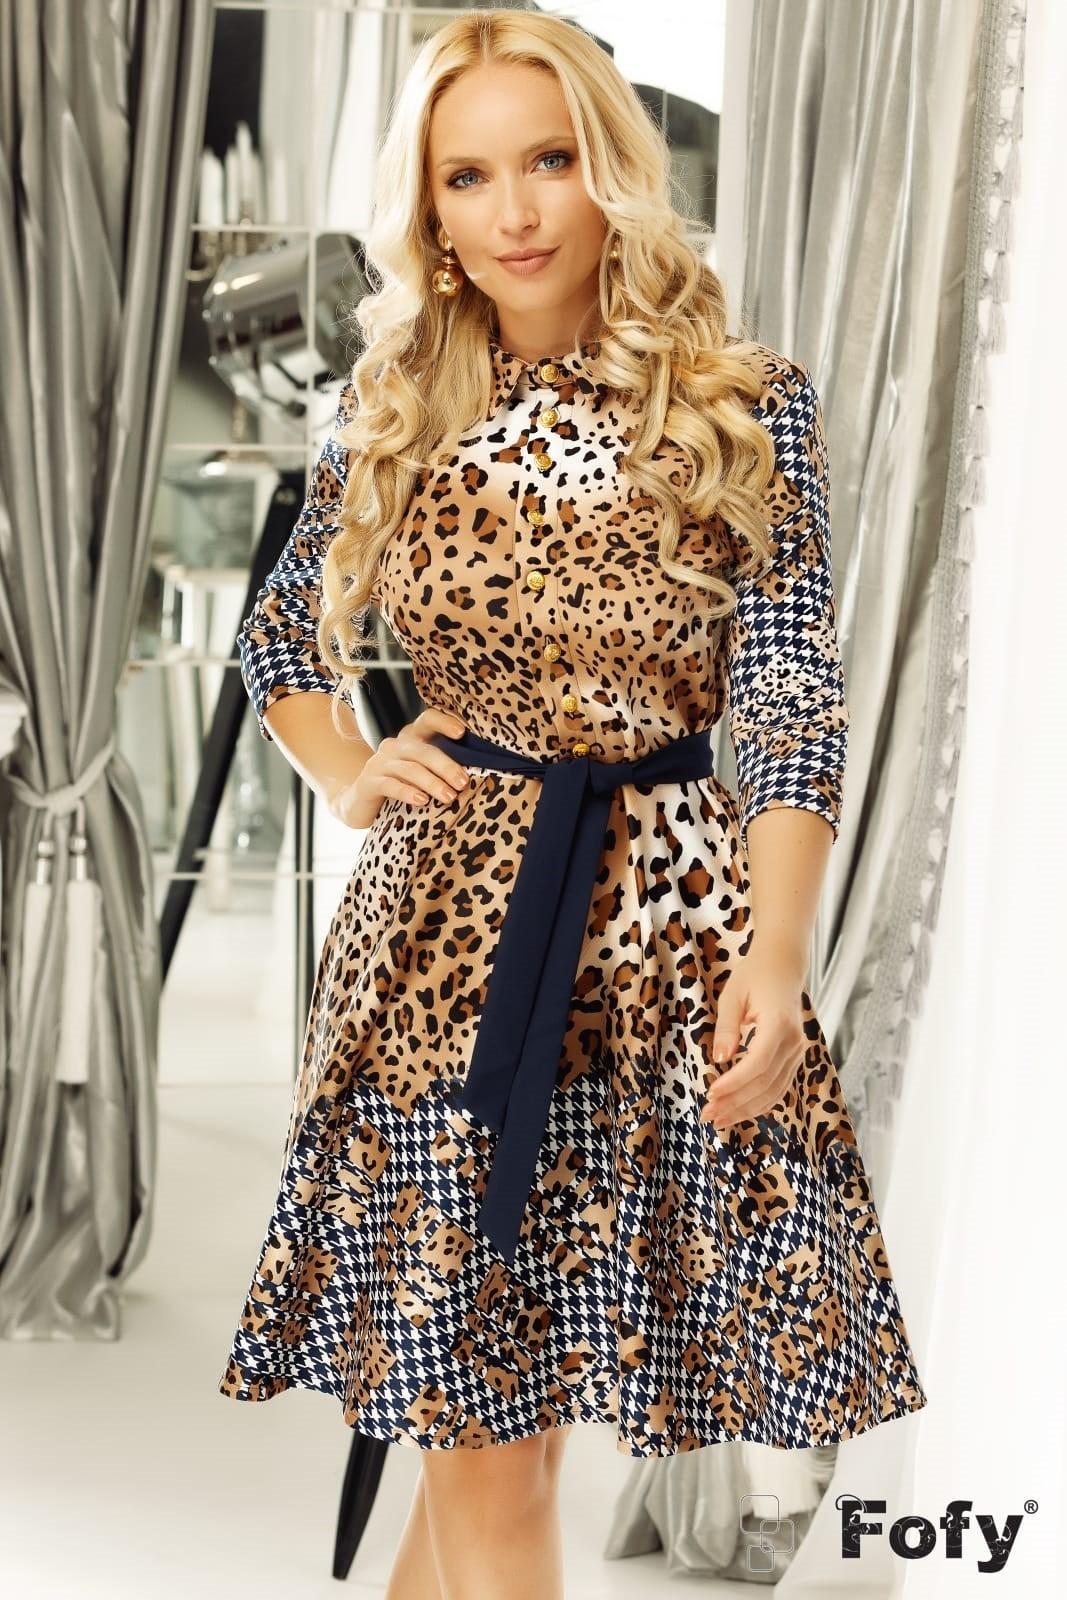 rochie-eleganta-cu-imprimeu-animal-print-1539945980-4